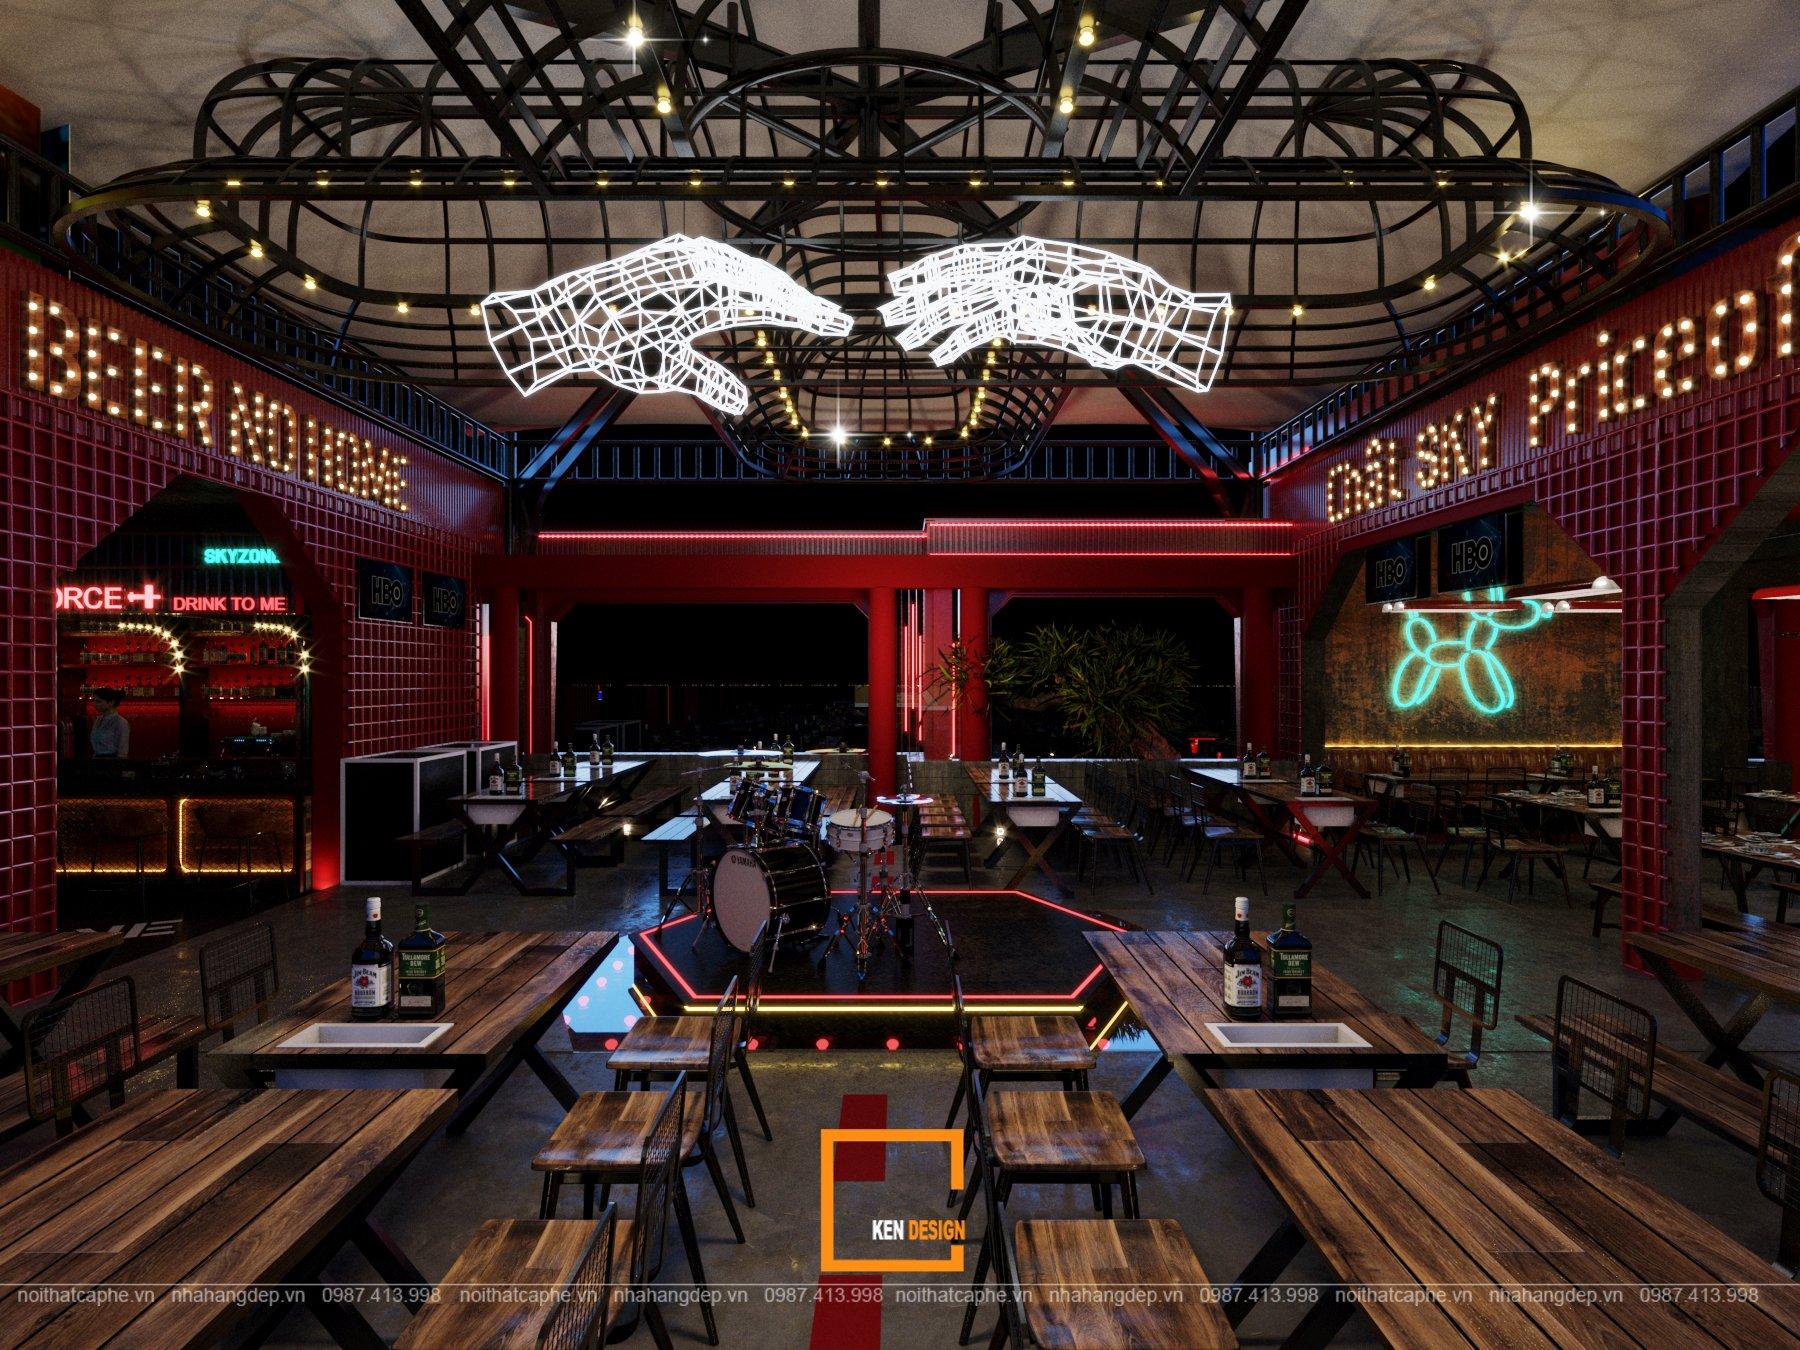 Thiết kế beer club Skyzone - Cuốn hút và khác biệt